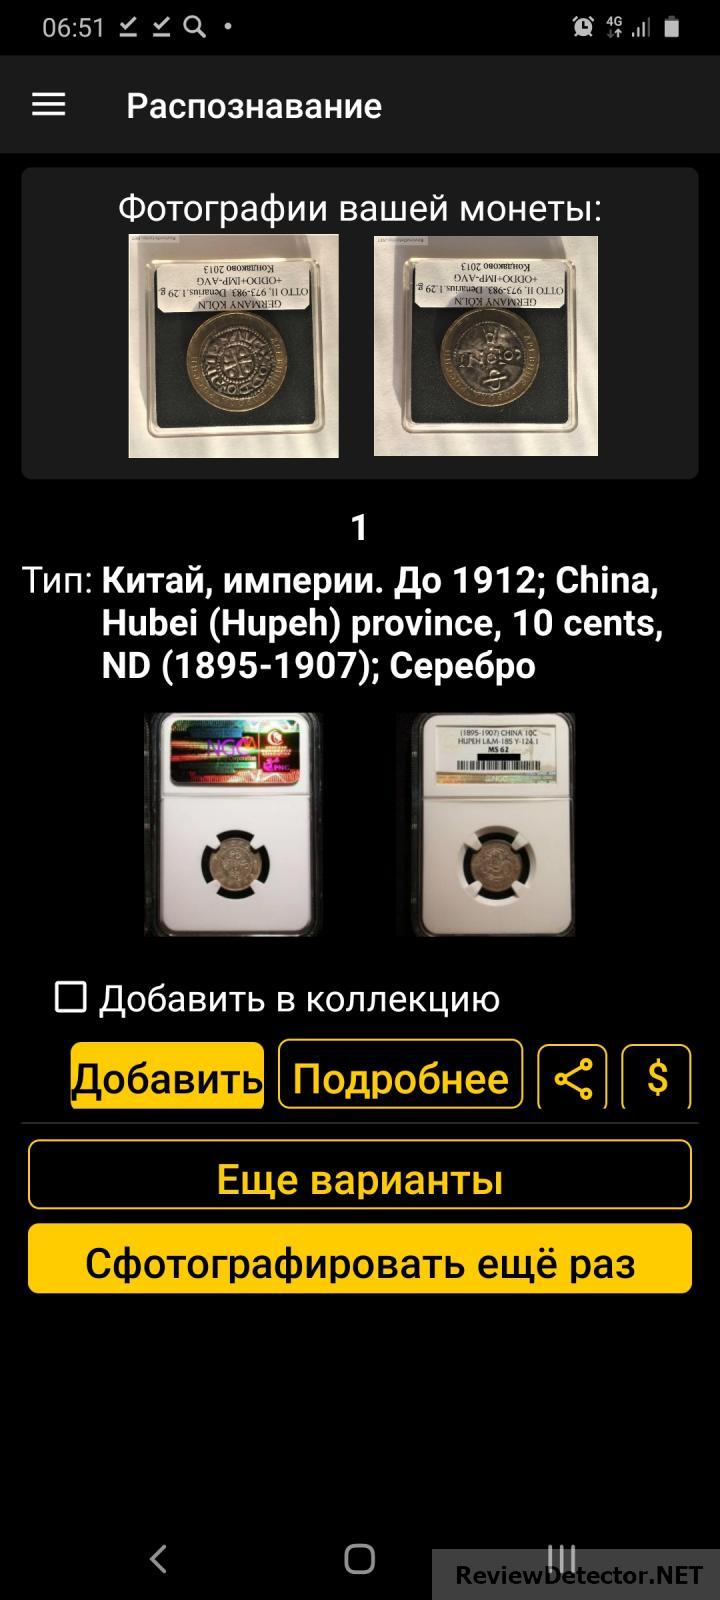 Screenshot_20210221-065122_Maktun.jpg